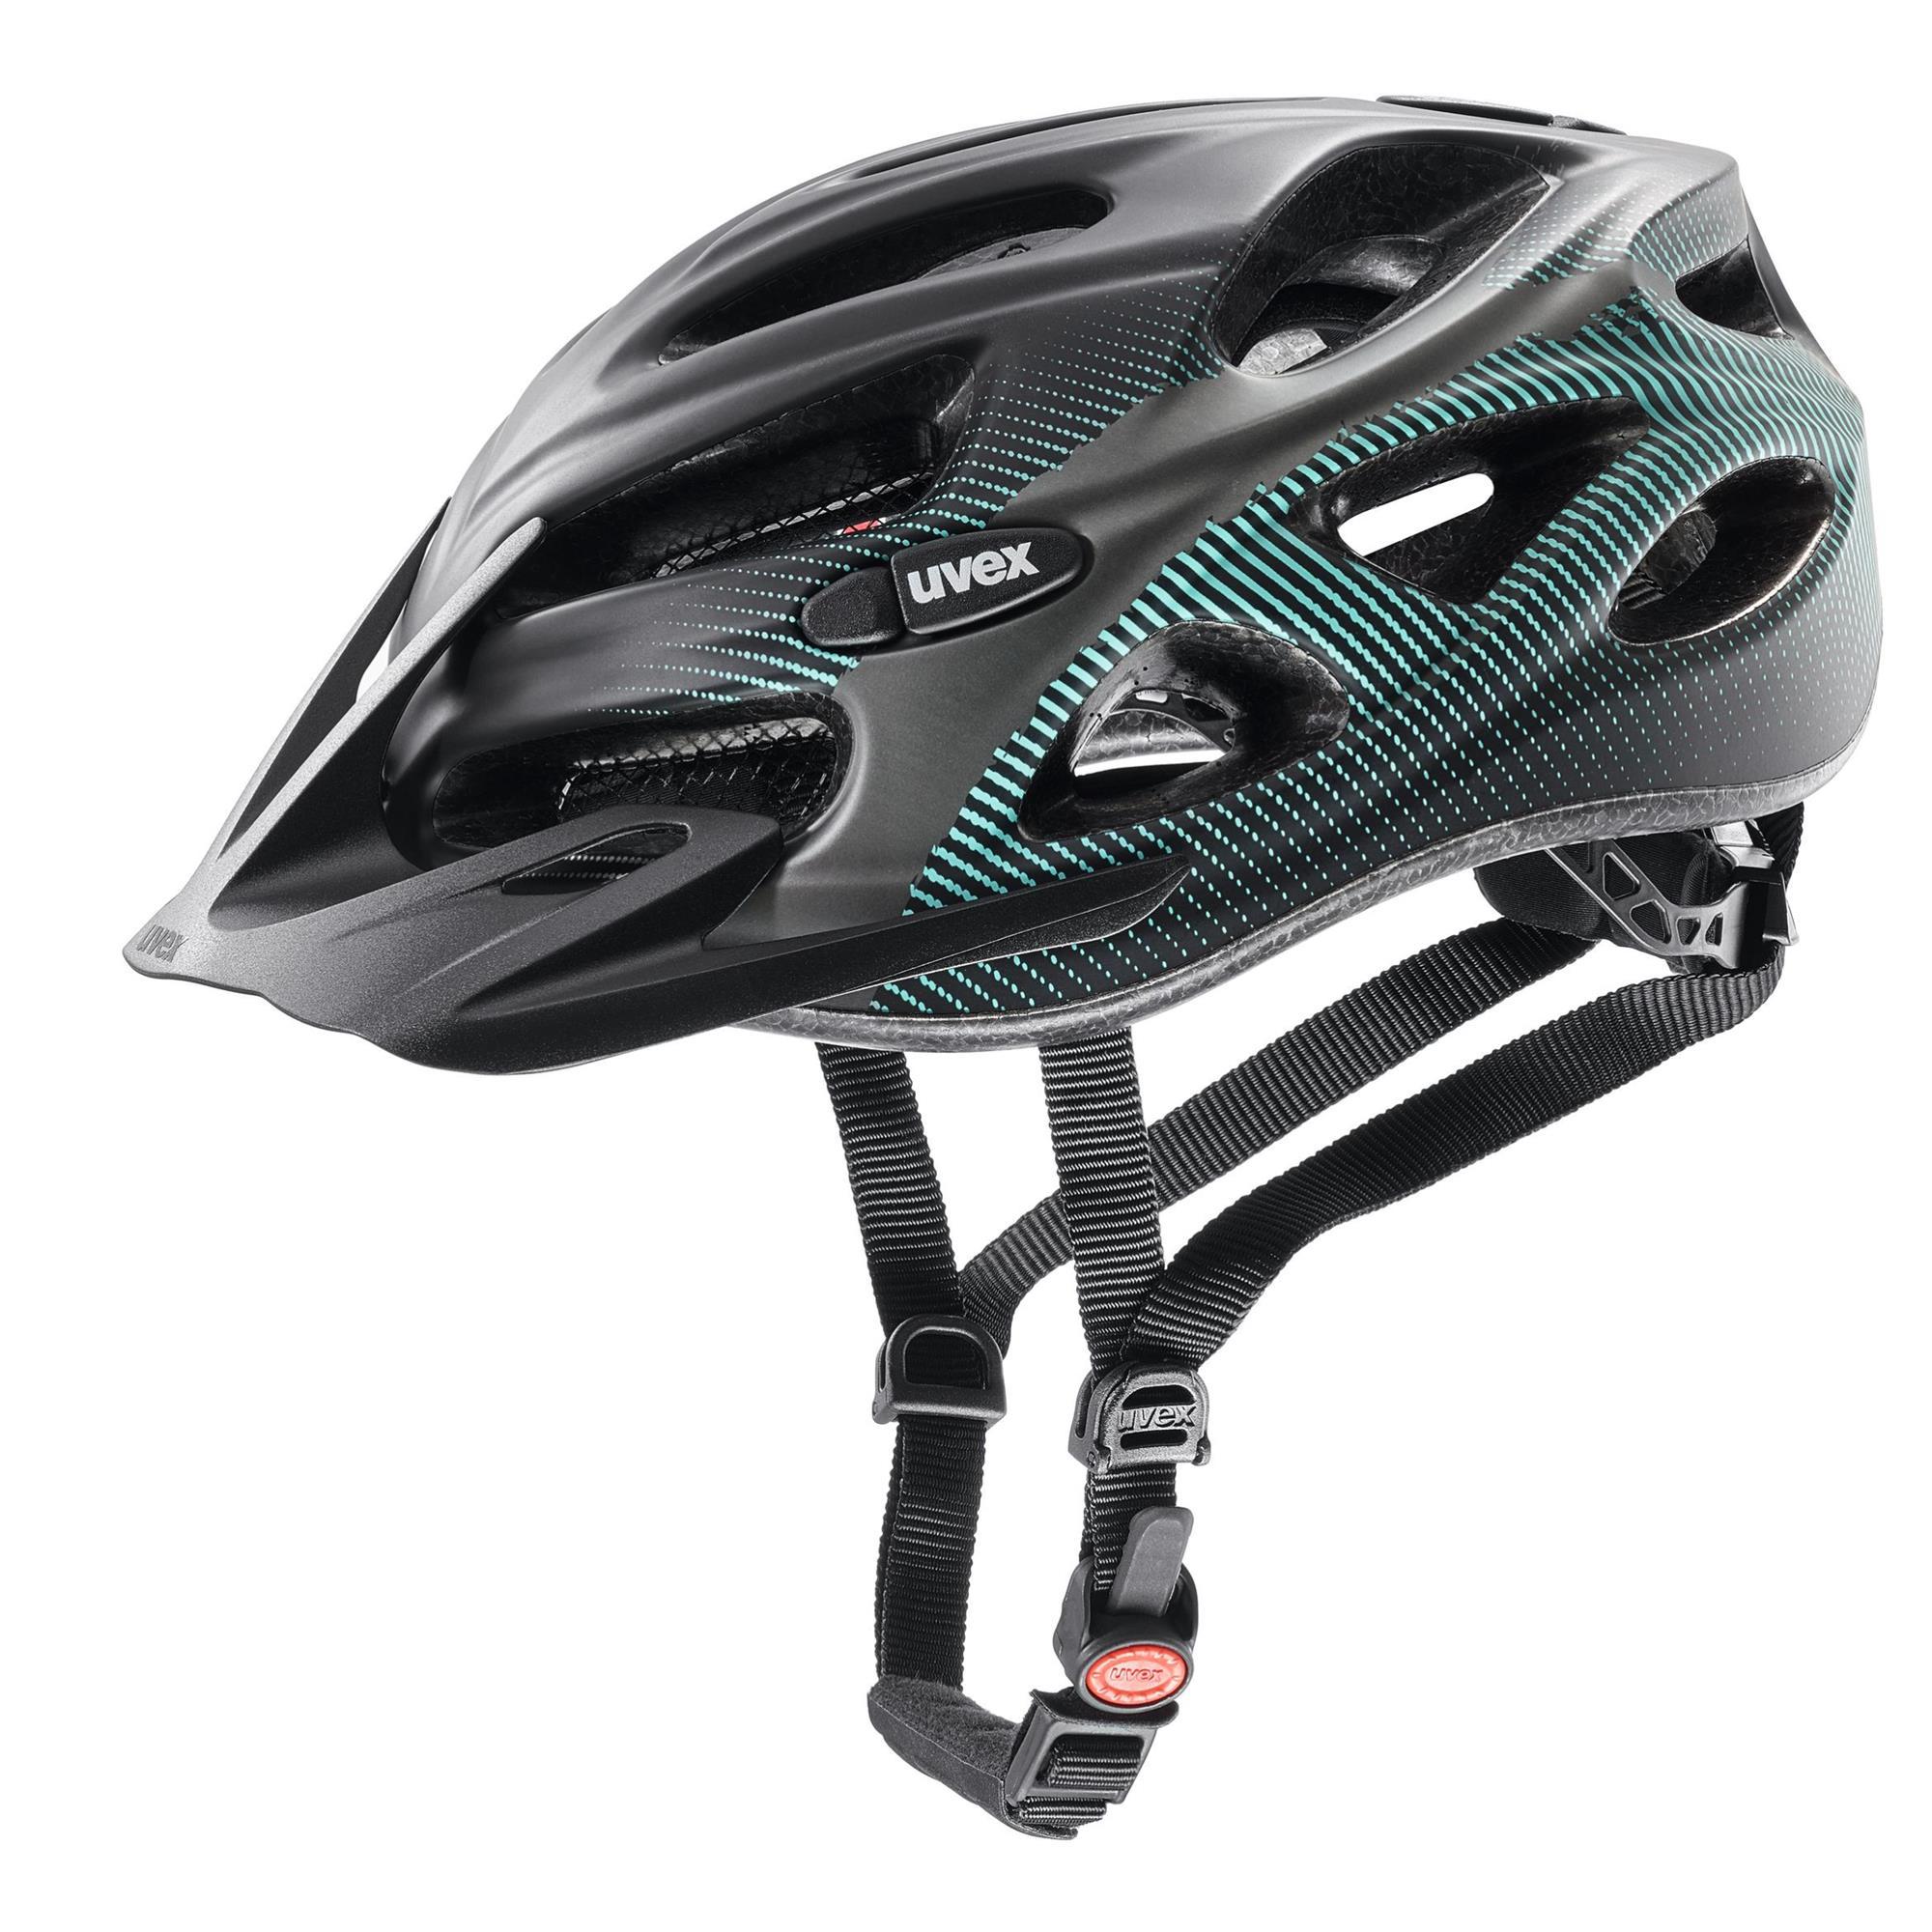 Uvex Onyx cc Fahrradhelm Preisvergleich